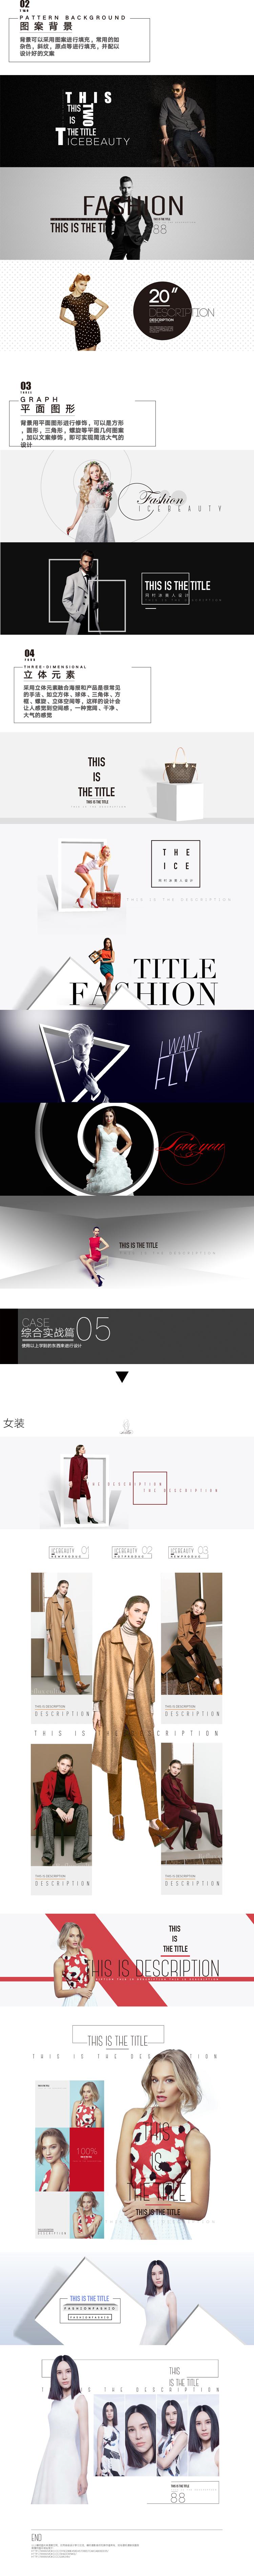 查看《大气 高逼格设计技法》原图,原图尺寸:750x7620